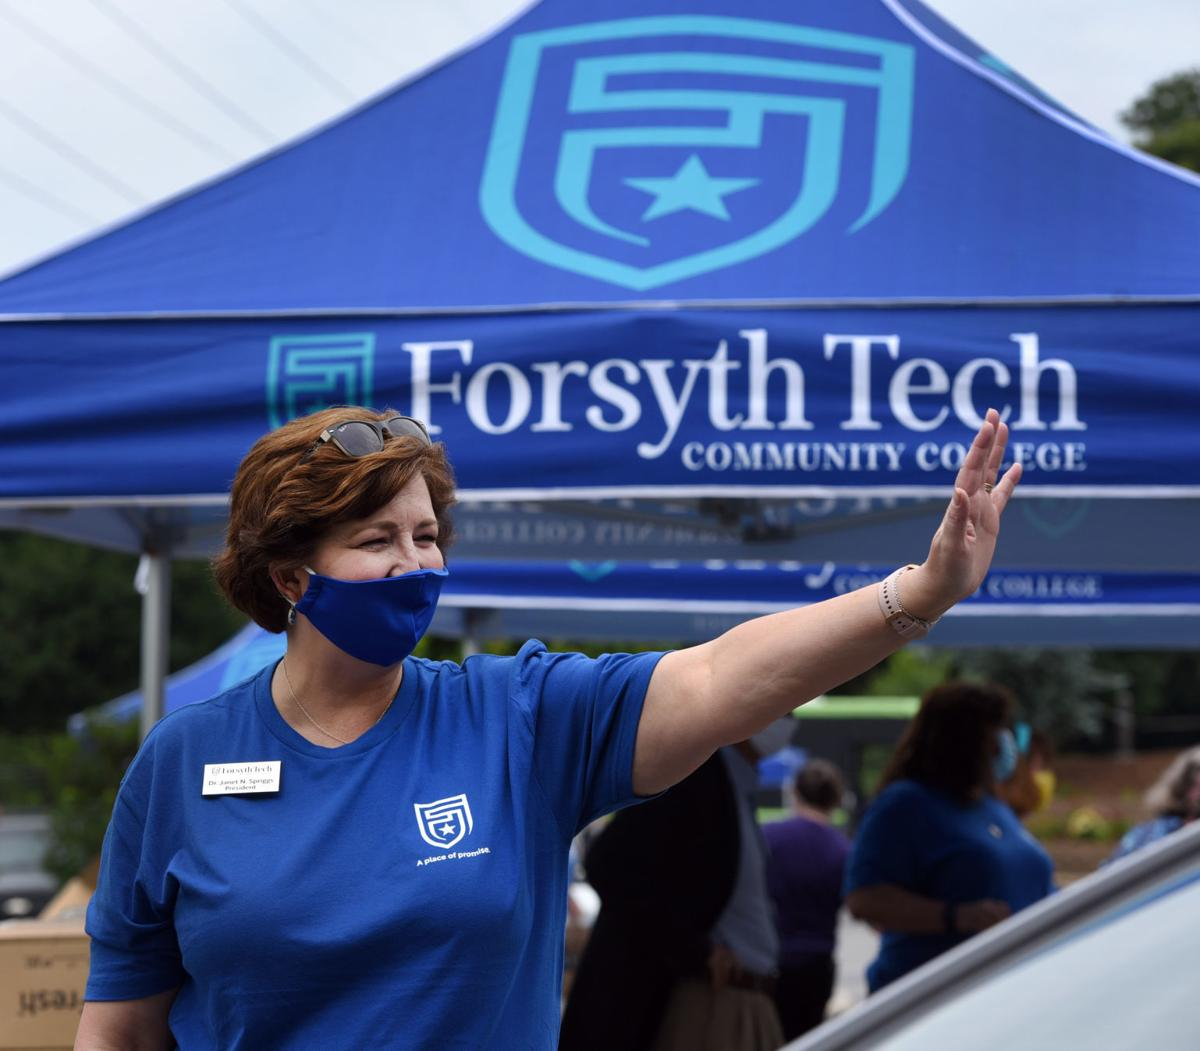 Forsyth Tech logo Janet Spriggs